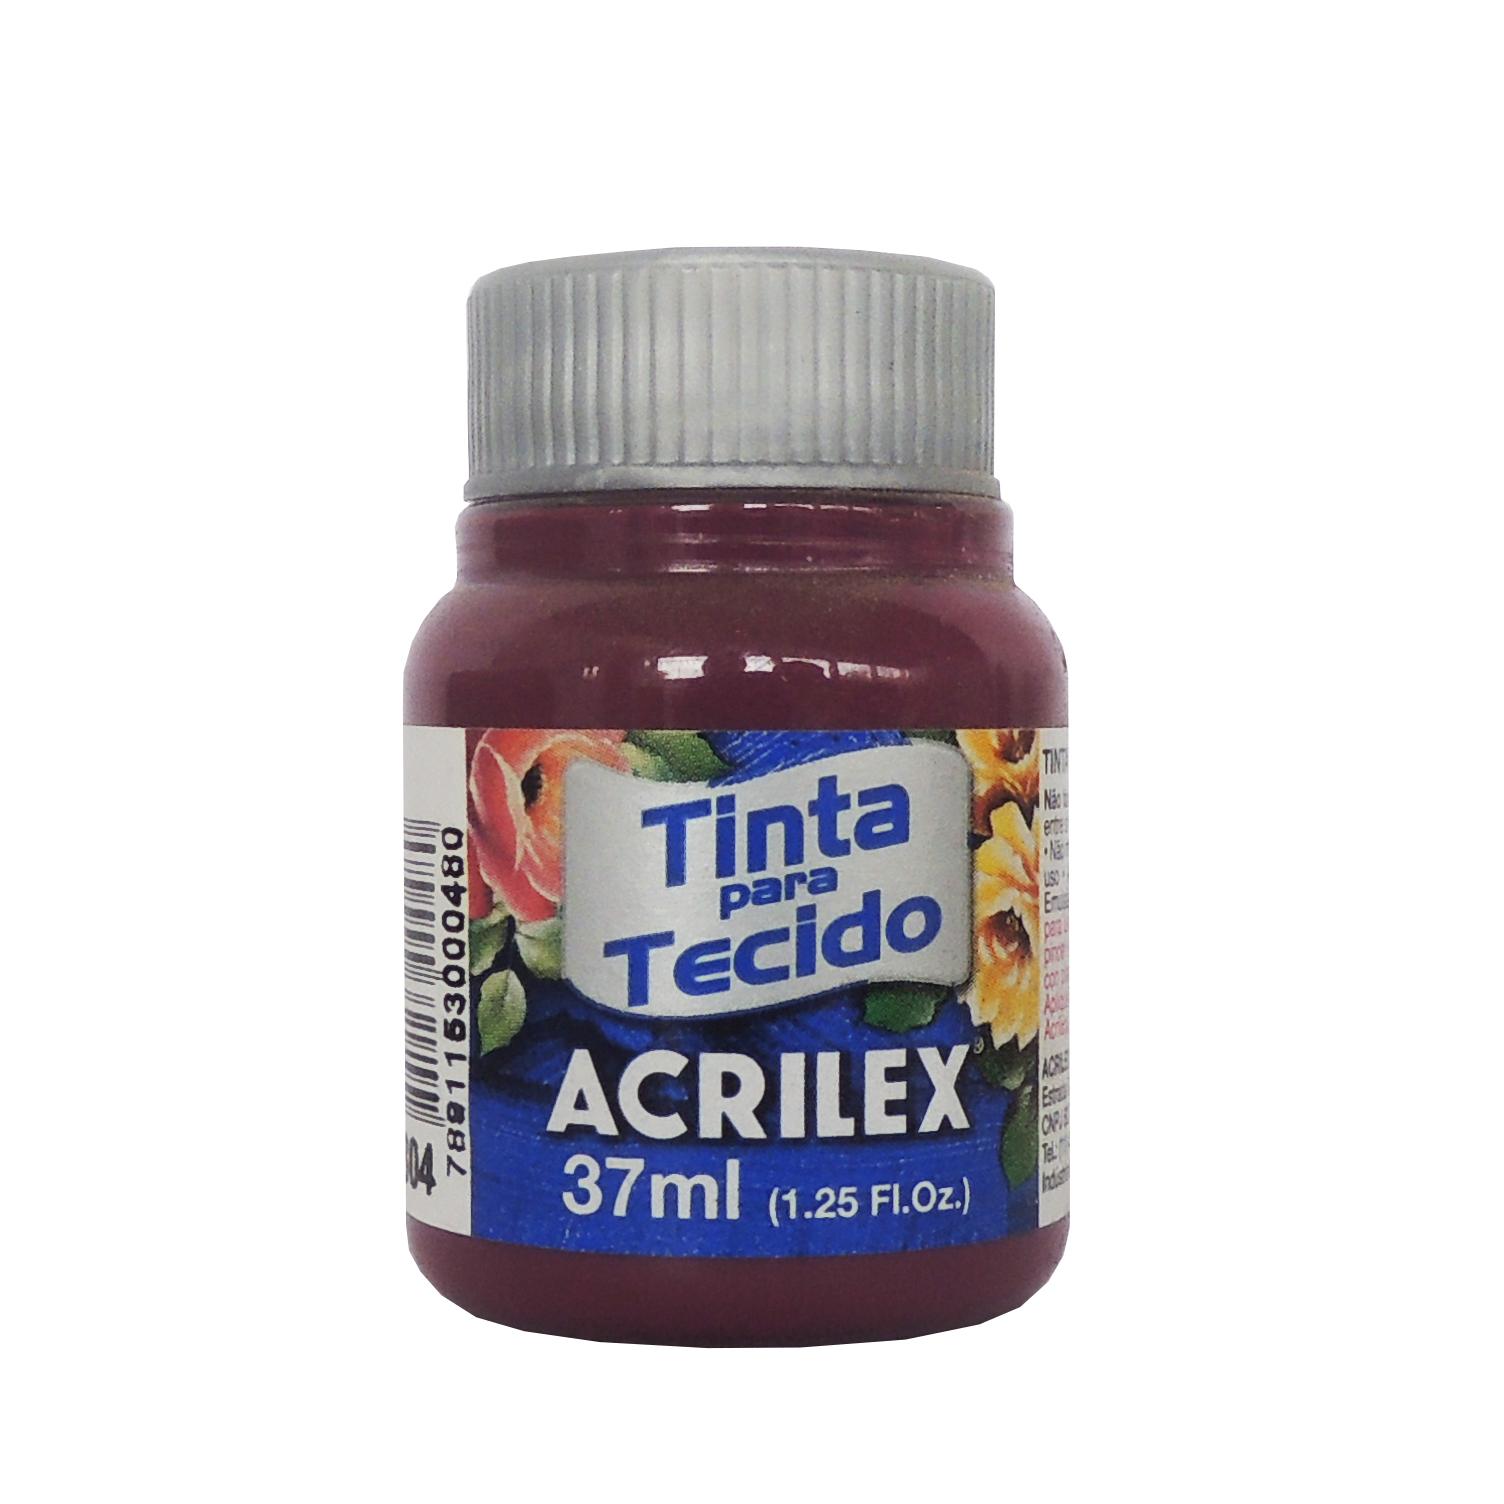 tinta-para-tecido-acrilex-37ml-804-fuchsia